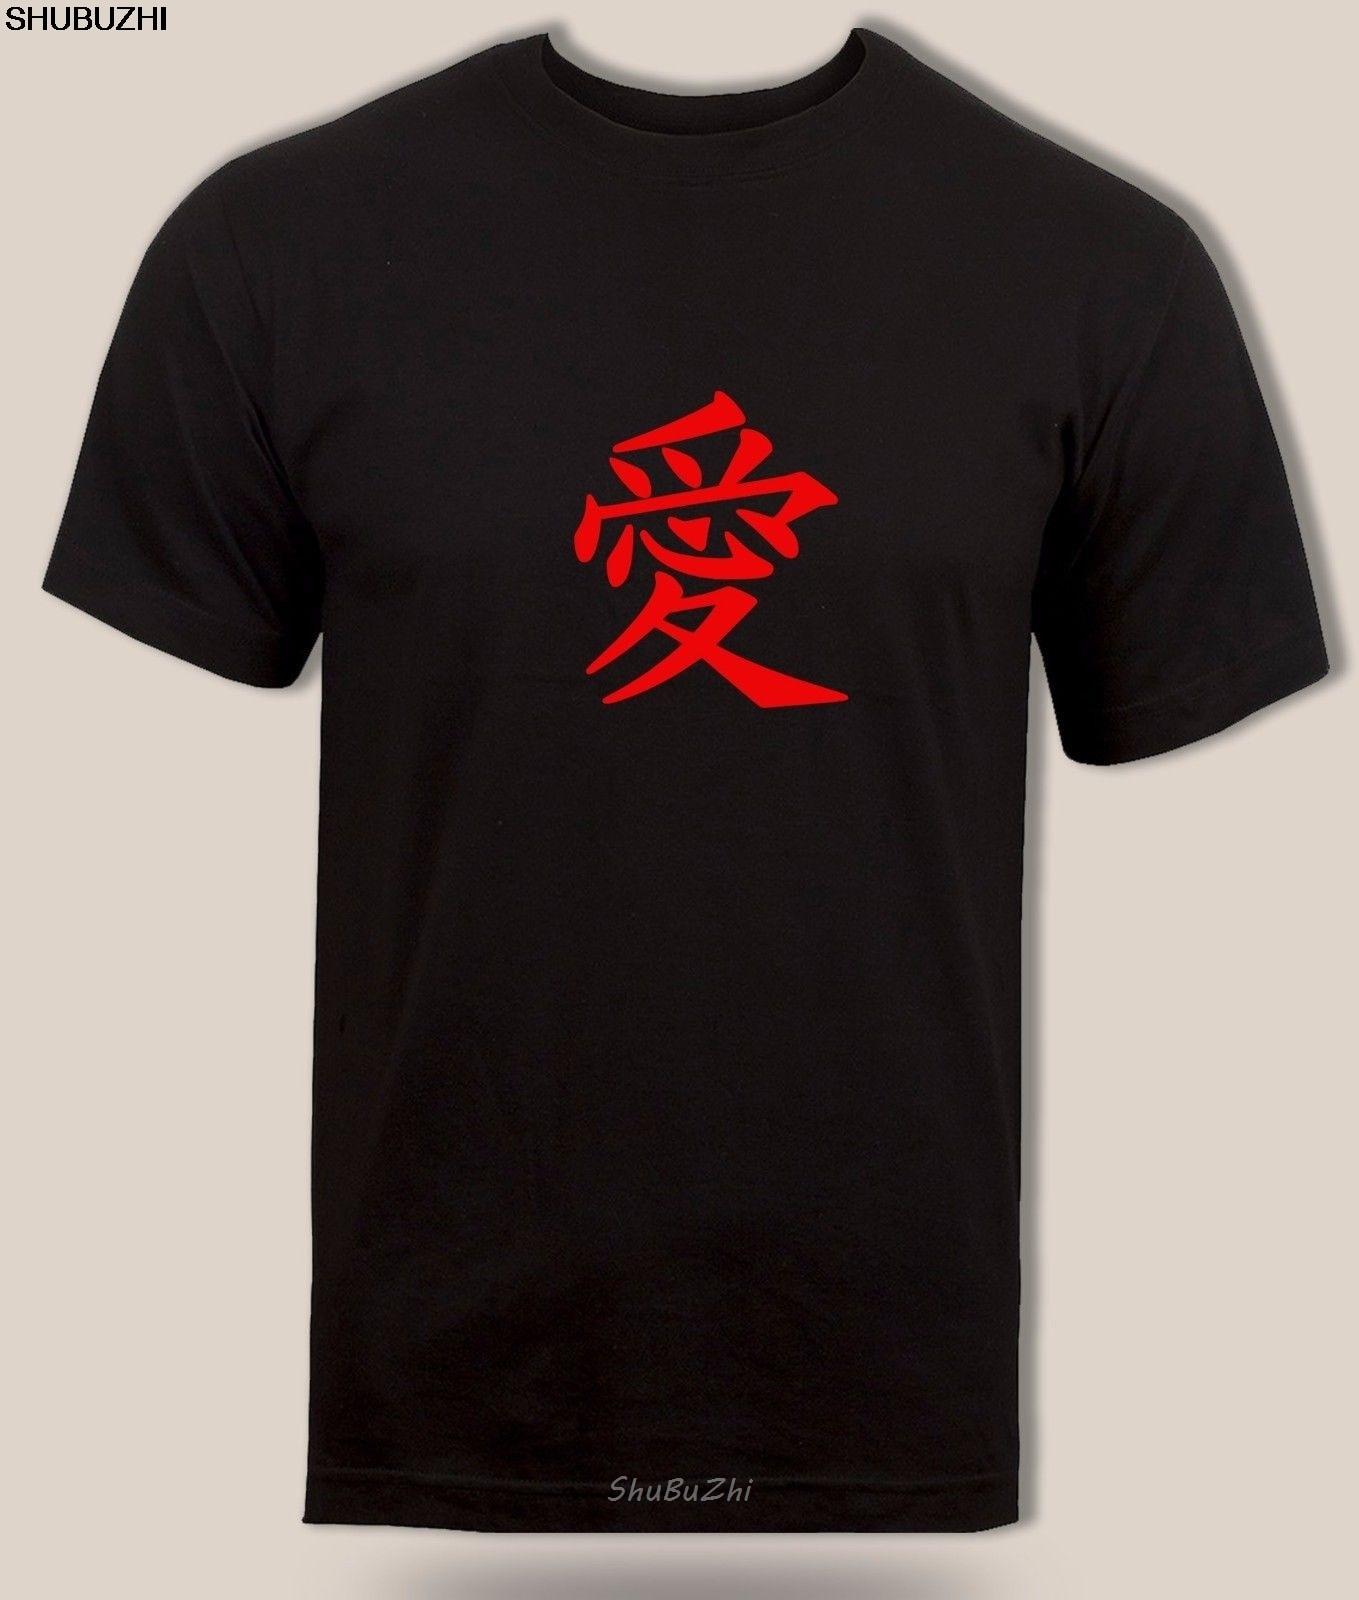 Camiseta con inscripción Love in kanji Japanese Gaara insipered, camiseta de Naruto anime, Camiseta de algodón de escritura japonesa para hombres, camiseta de marca de verano sbz3372